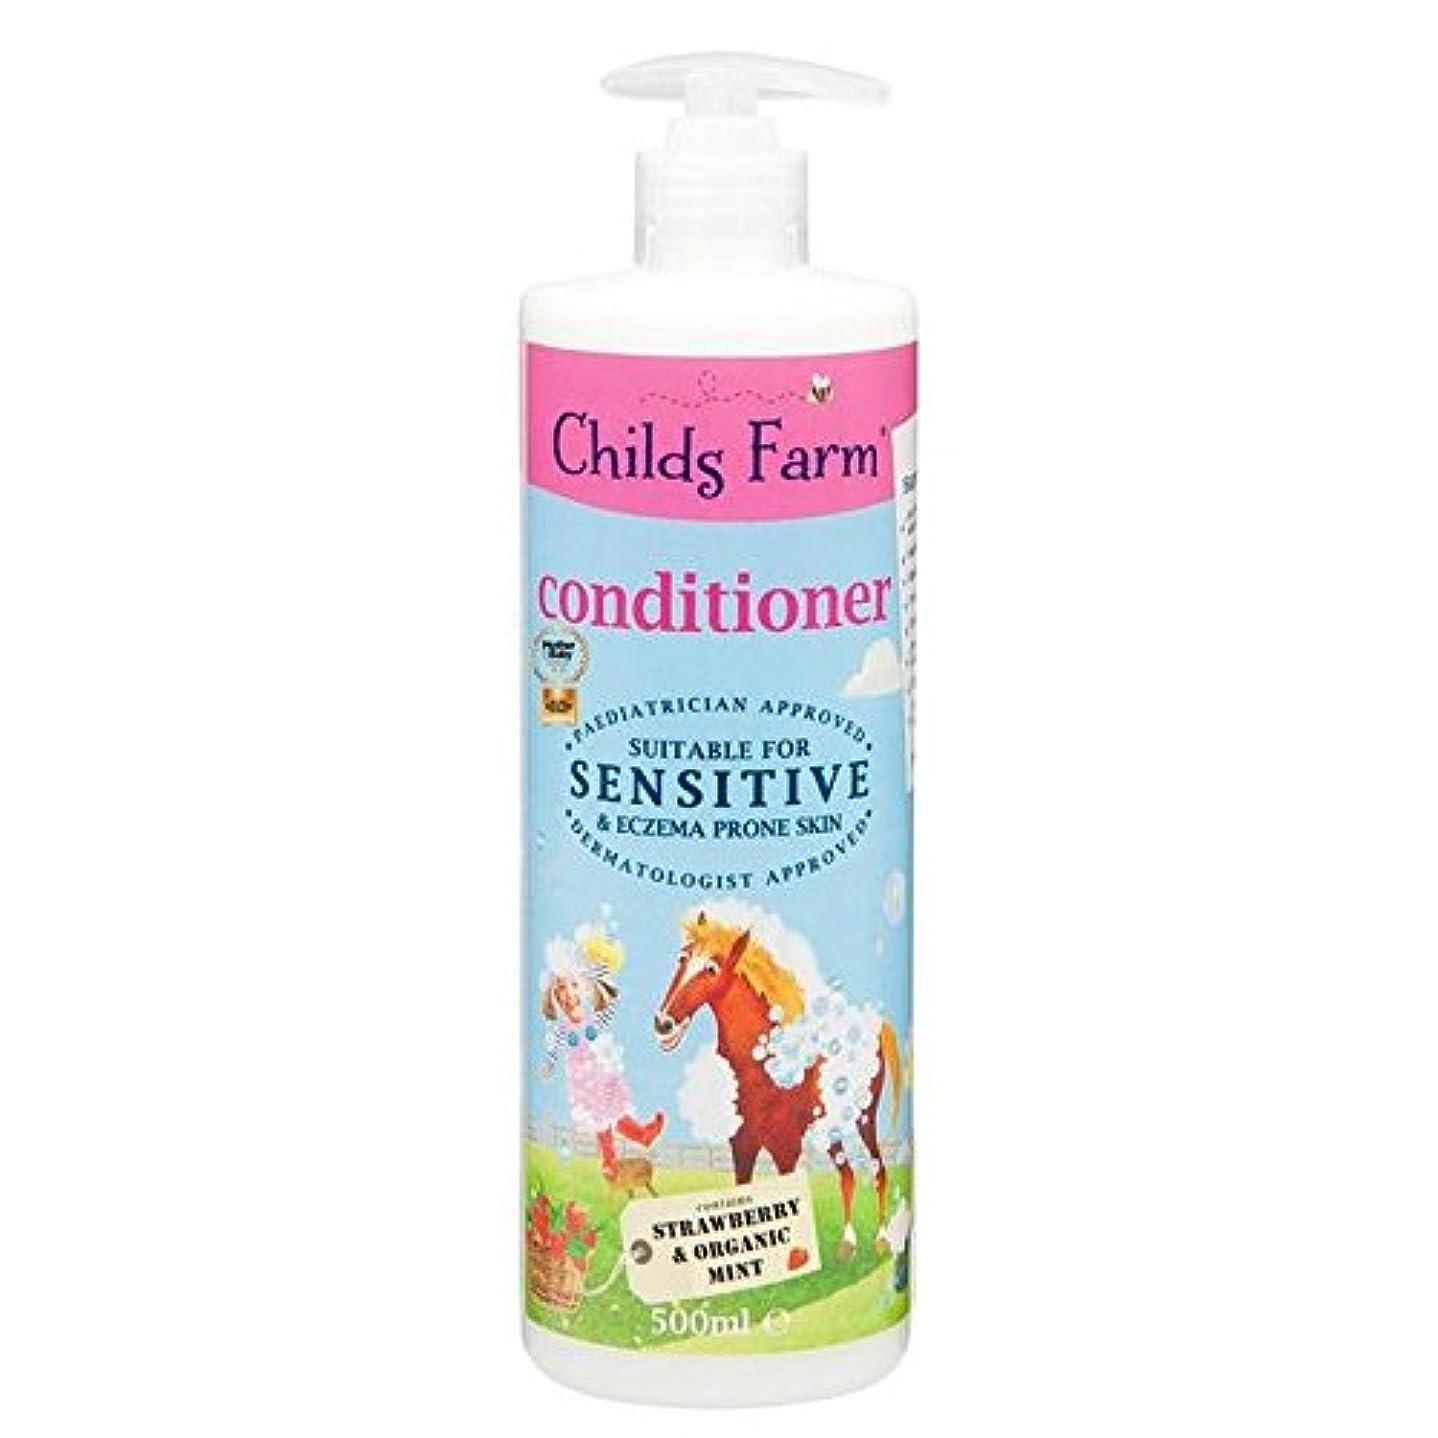 デンプシー報酬の反対にChilds Farm Conditioner for Unruly Hair 500ml - 手に負えない髪の500ミリリットルのためのチャイルズファームコンディショナー [並行輸入品]